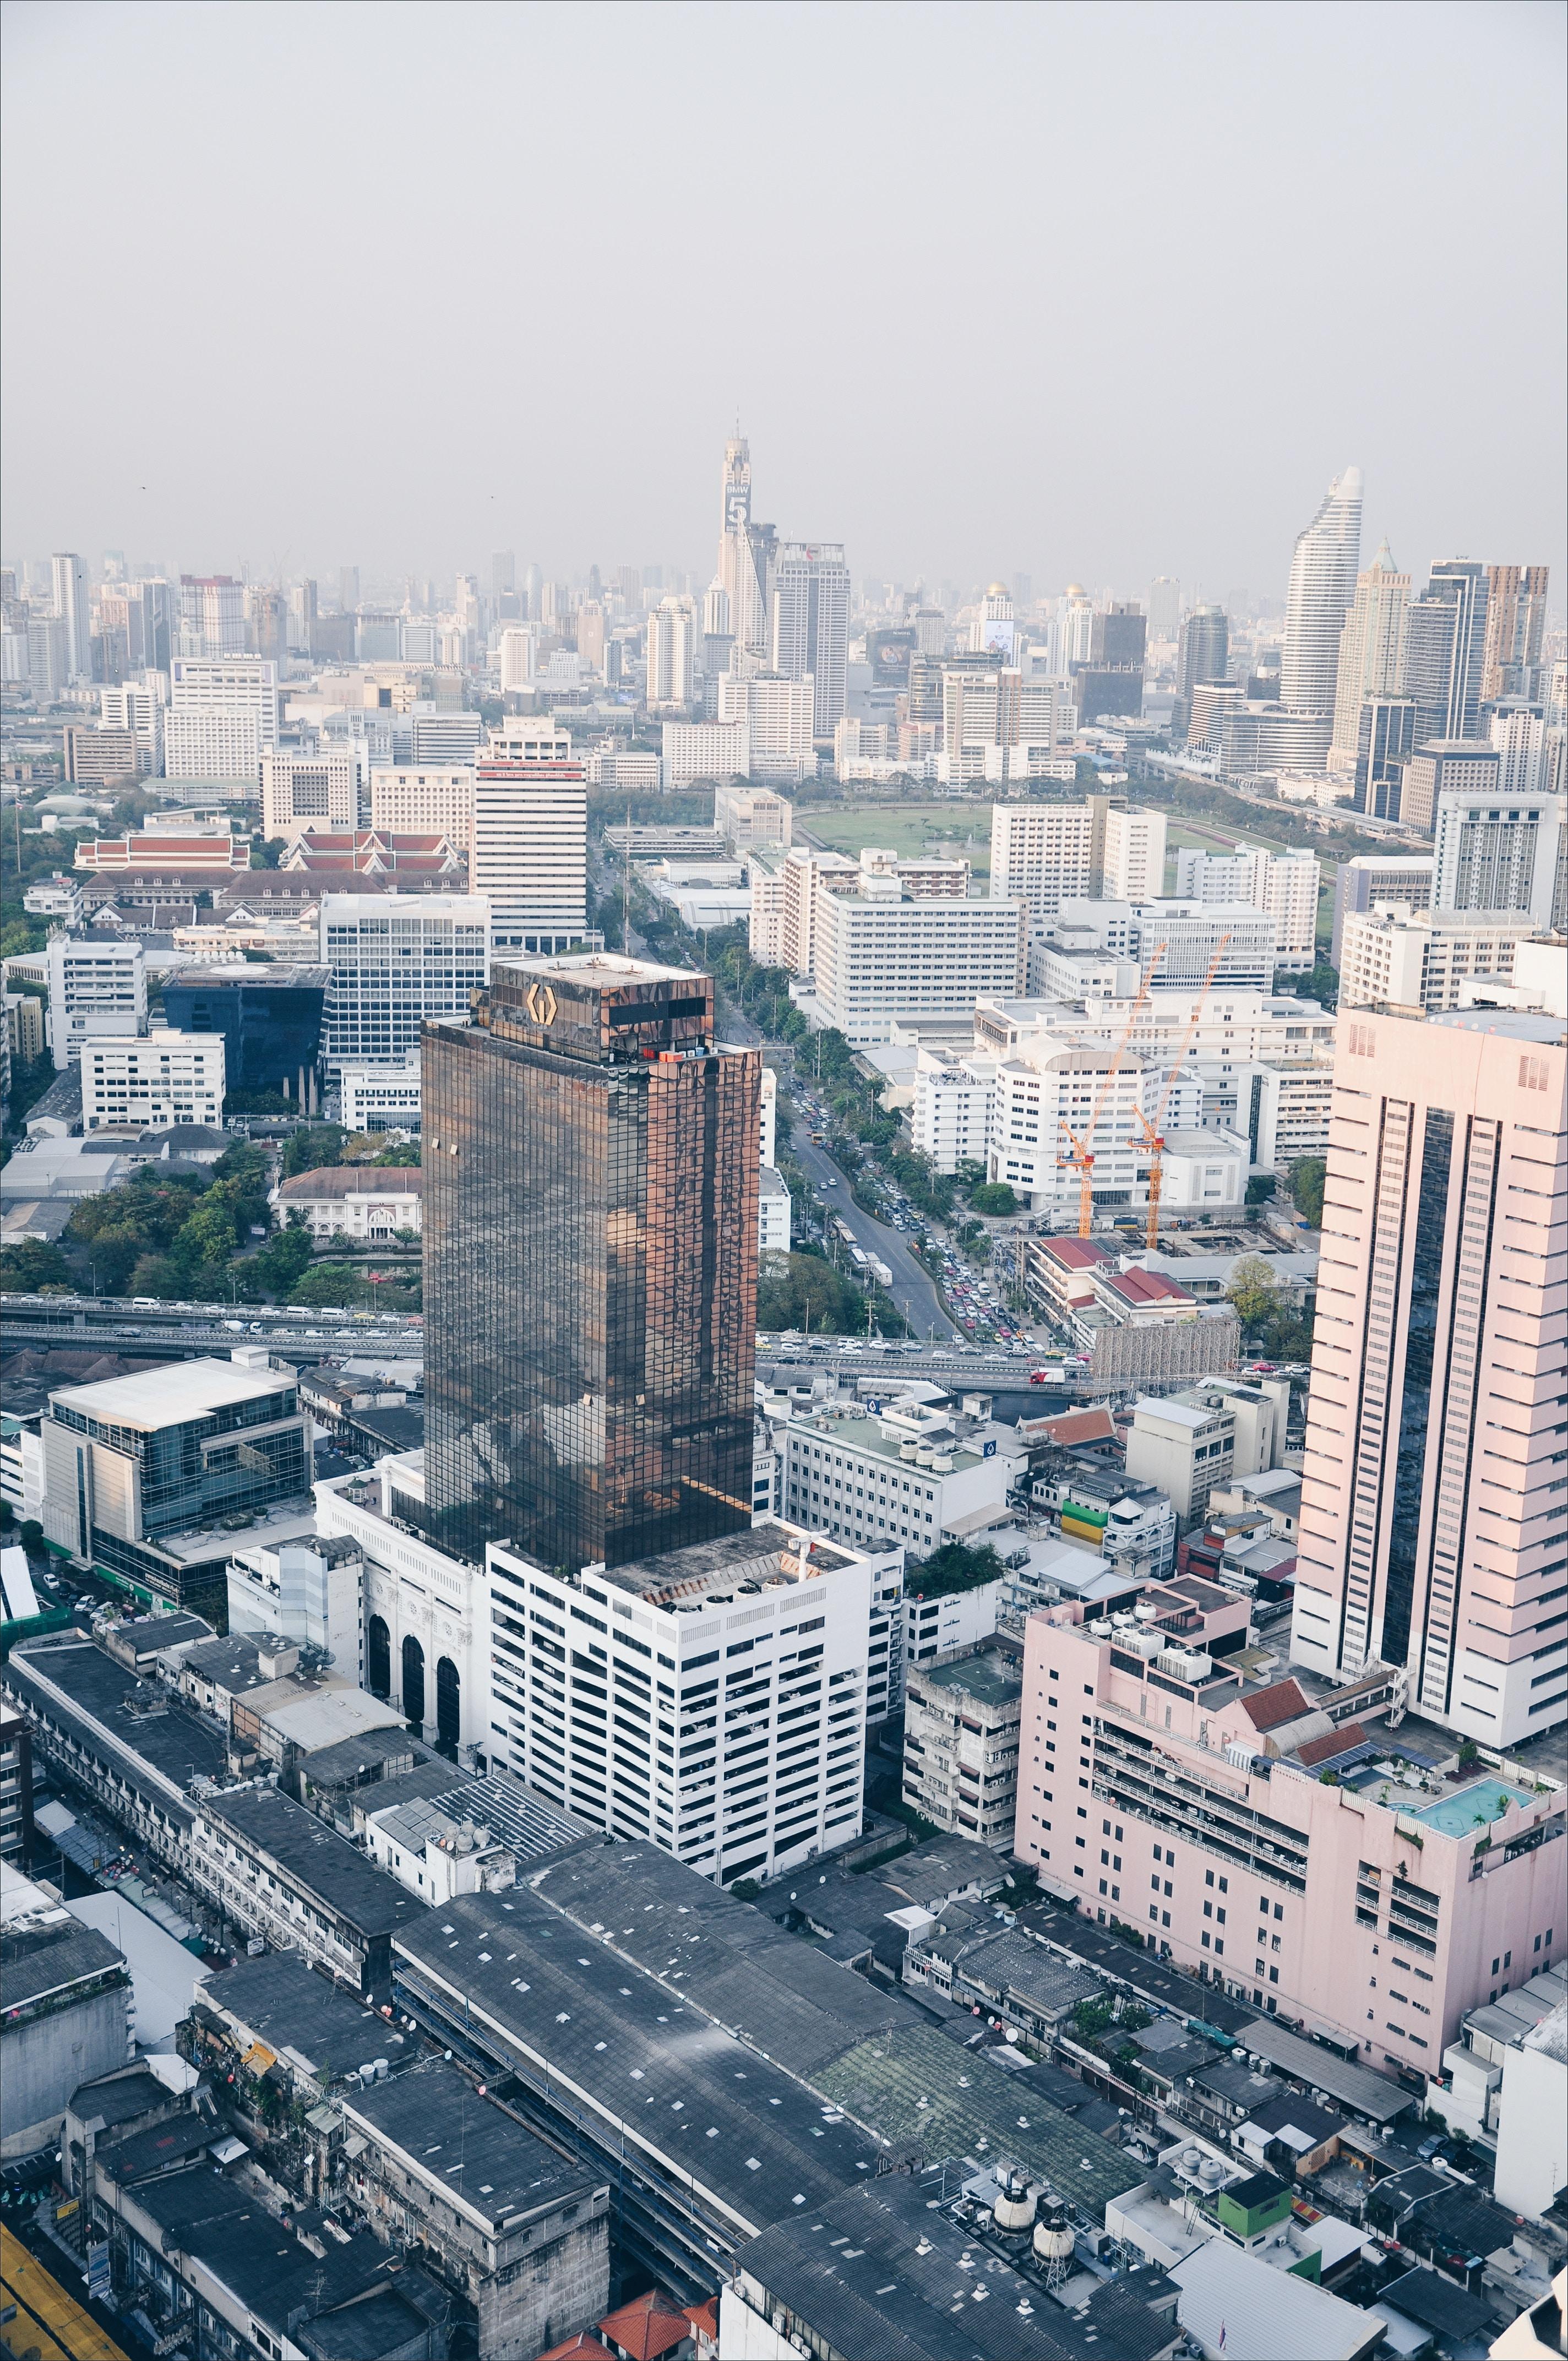 Das quirlige Bangkok in Thailand